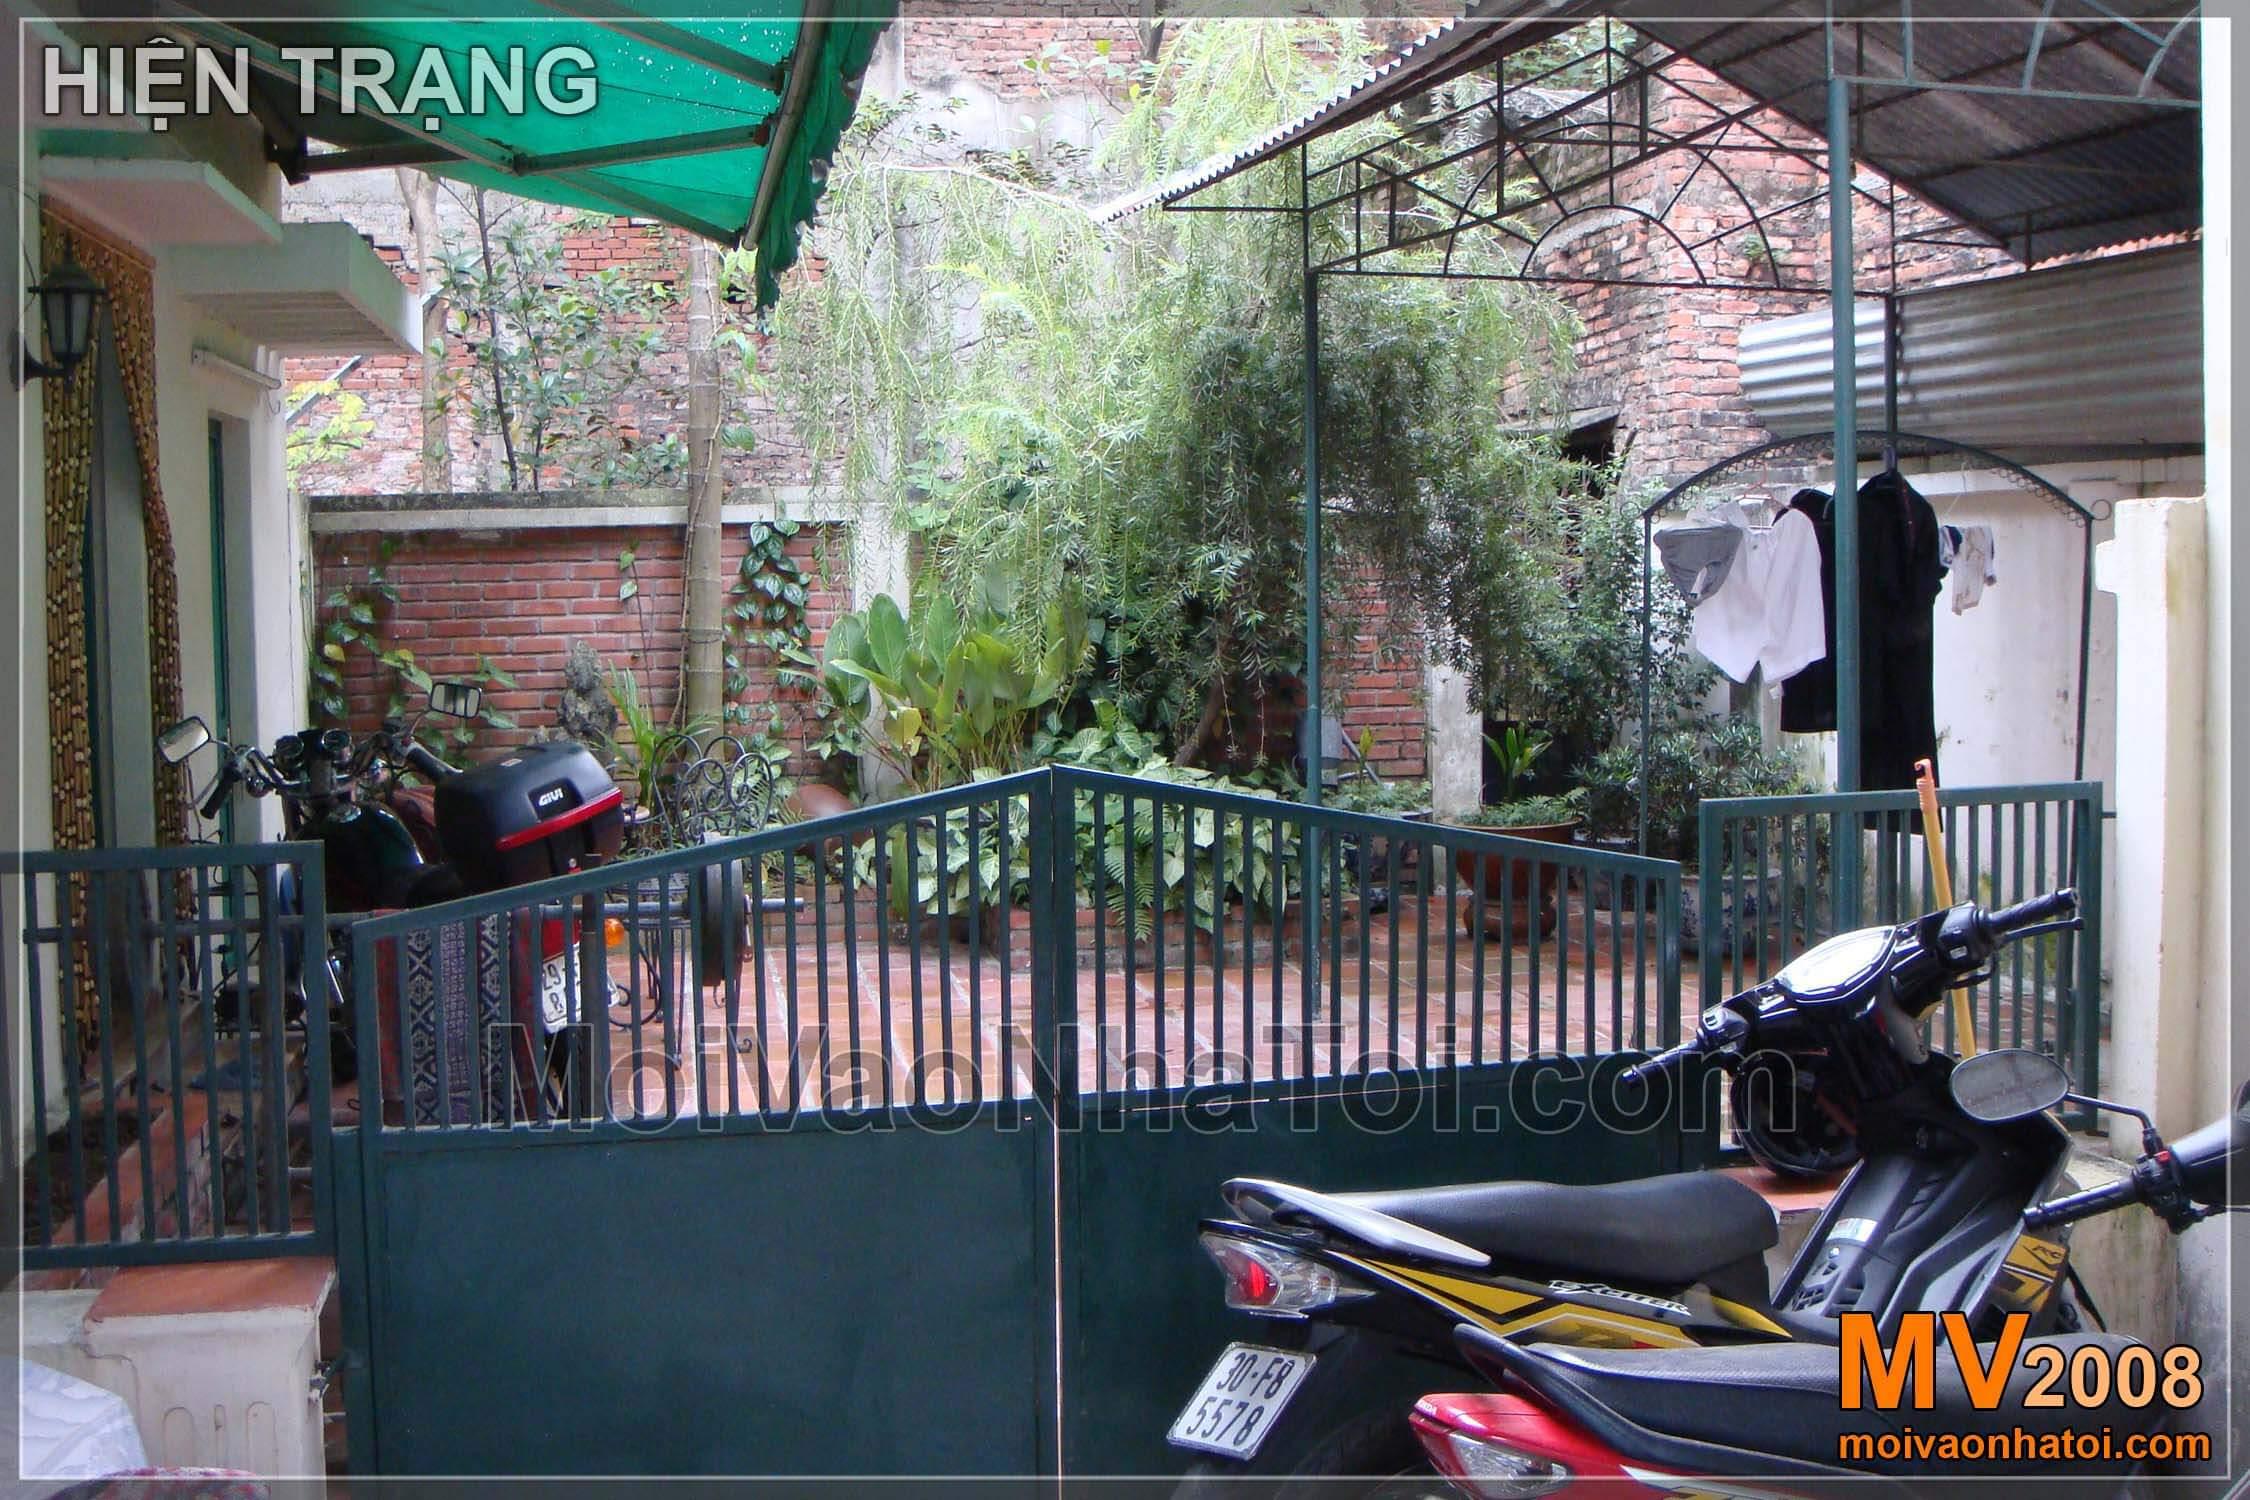 Nhìn bao quát từ ngoài cổng căn biệt thự vườn khi chưa cải tạo